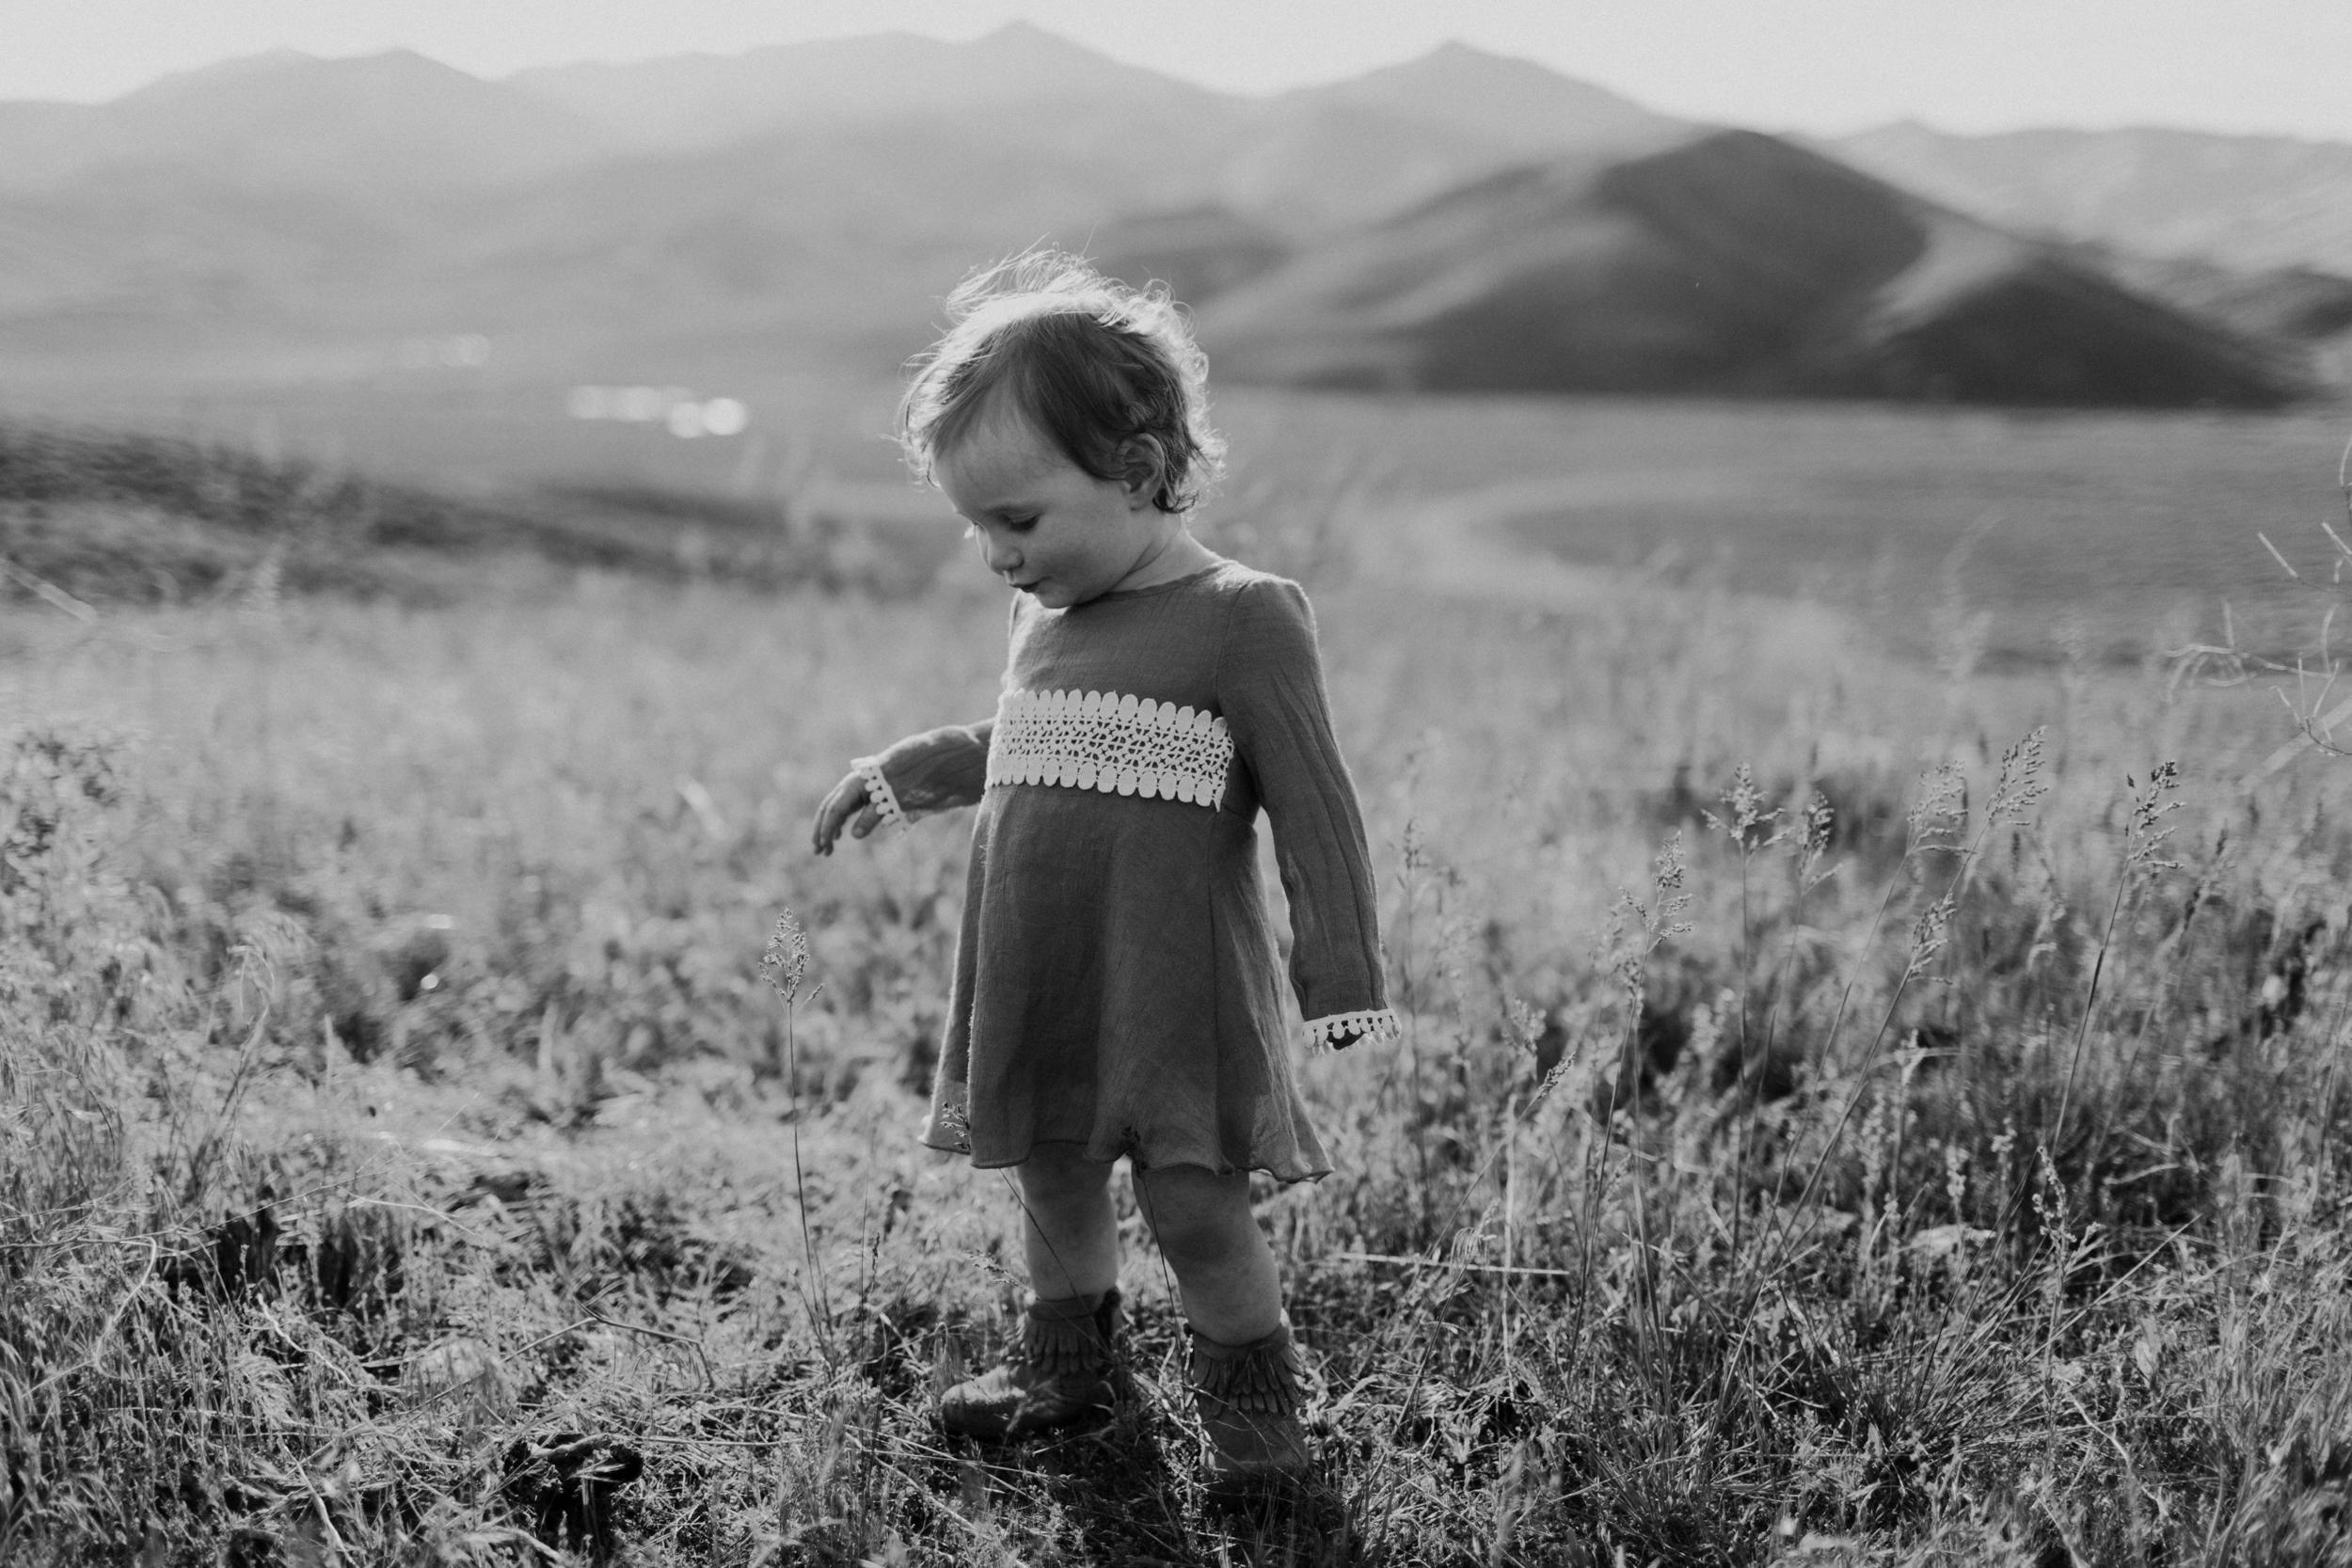 Zelaya_Sun_valley_photographer-21.jpg